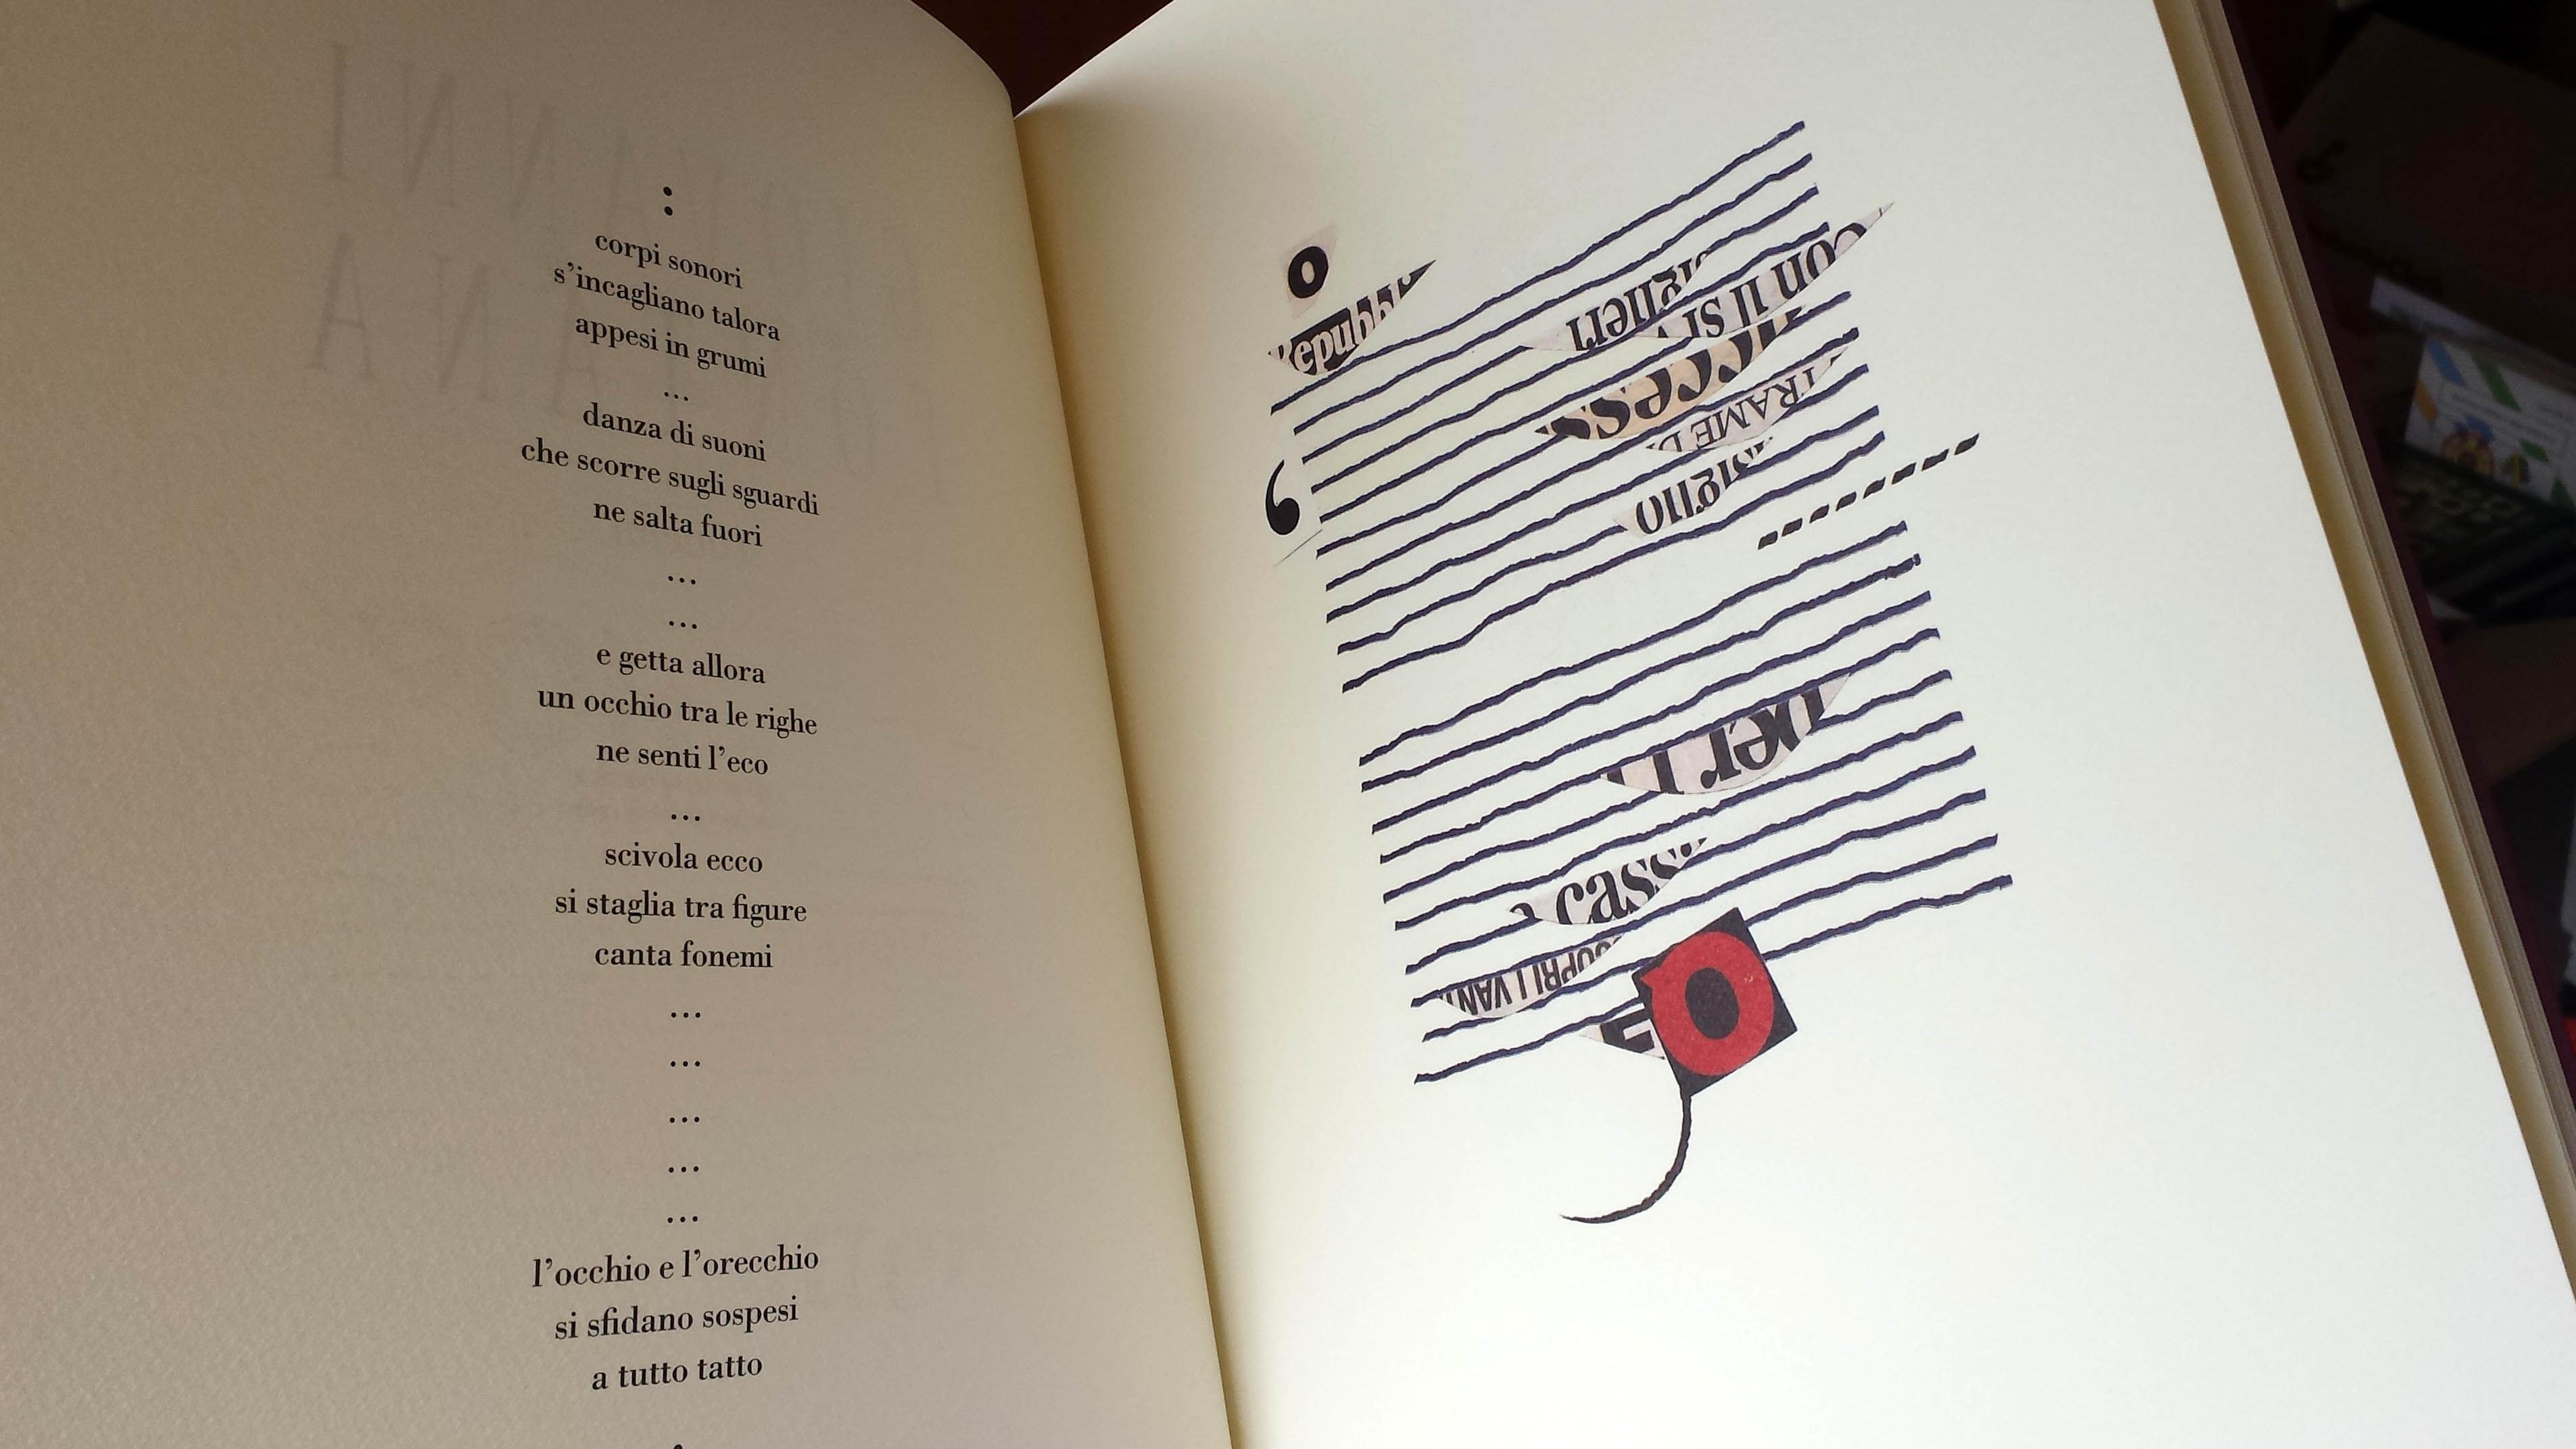 Giovanni Fontana - Fonemi ESCAPE='HTML'